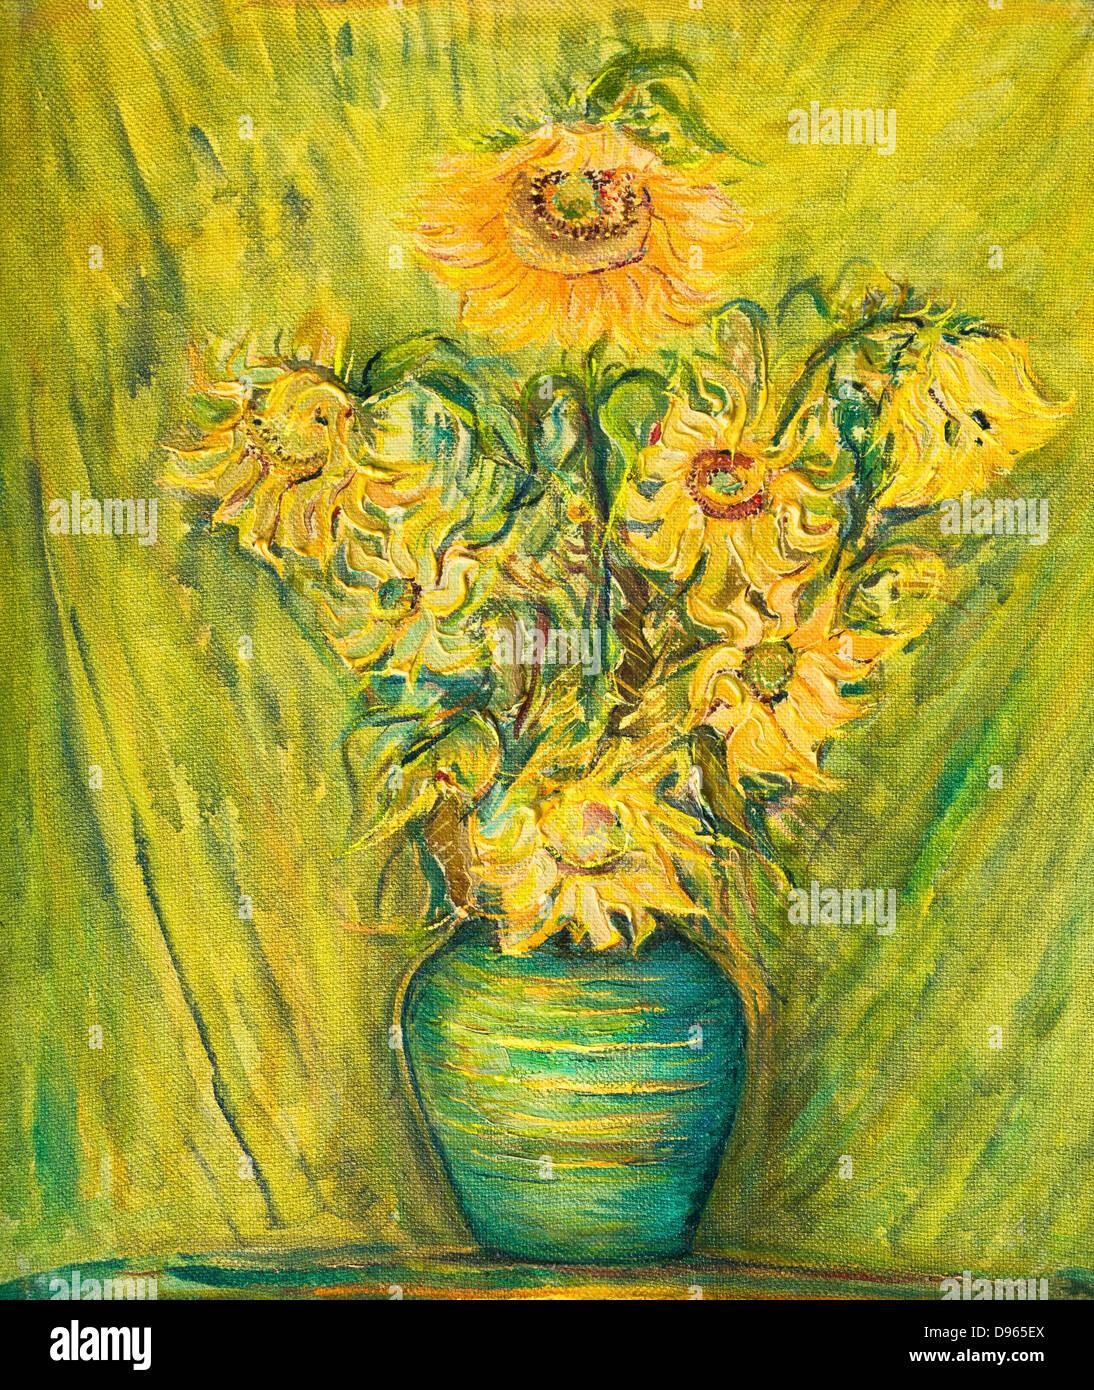 Un dipinto ad olio su tela di luminoso colorato bouquet girasoli su un giallo verde dello sfondo. Immagini Stock